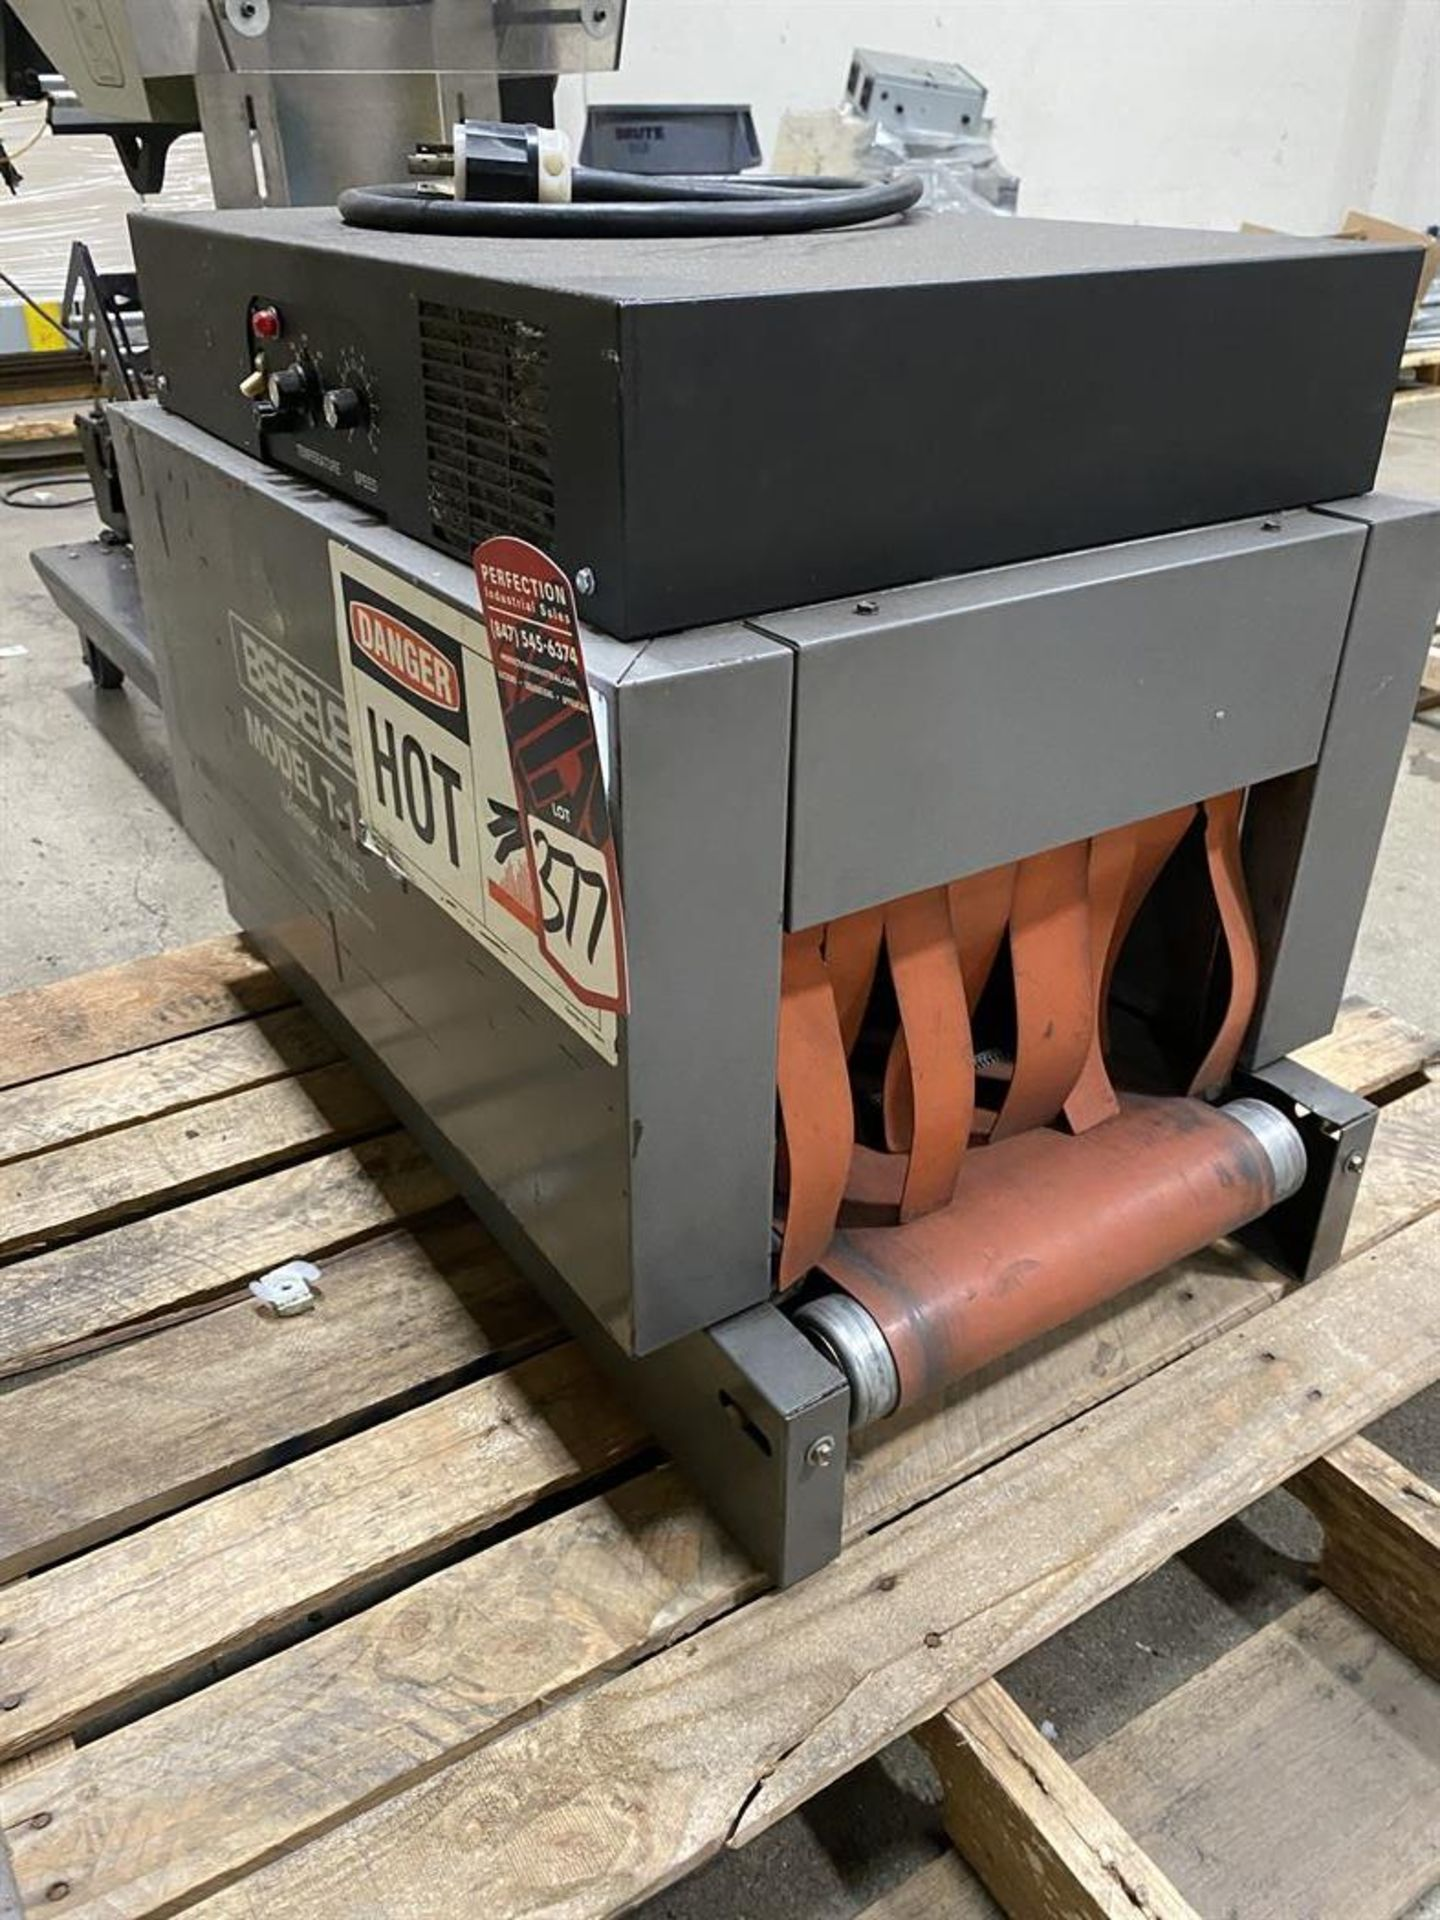 Lot 377 - Beseler T-14-8-D Heat Shrink Machine, s/n 009960613